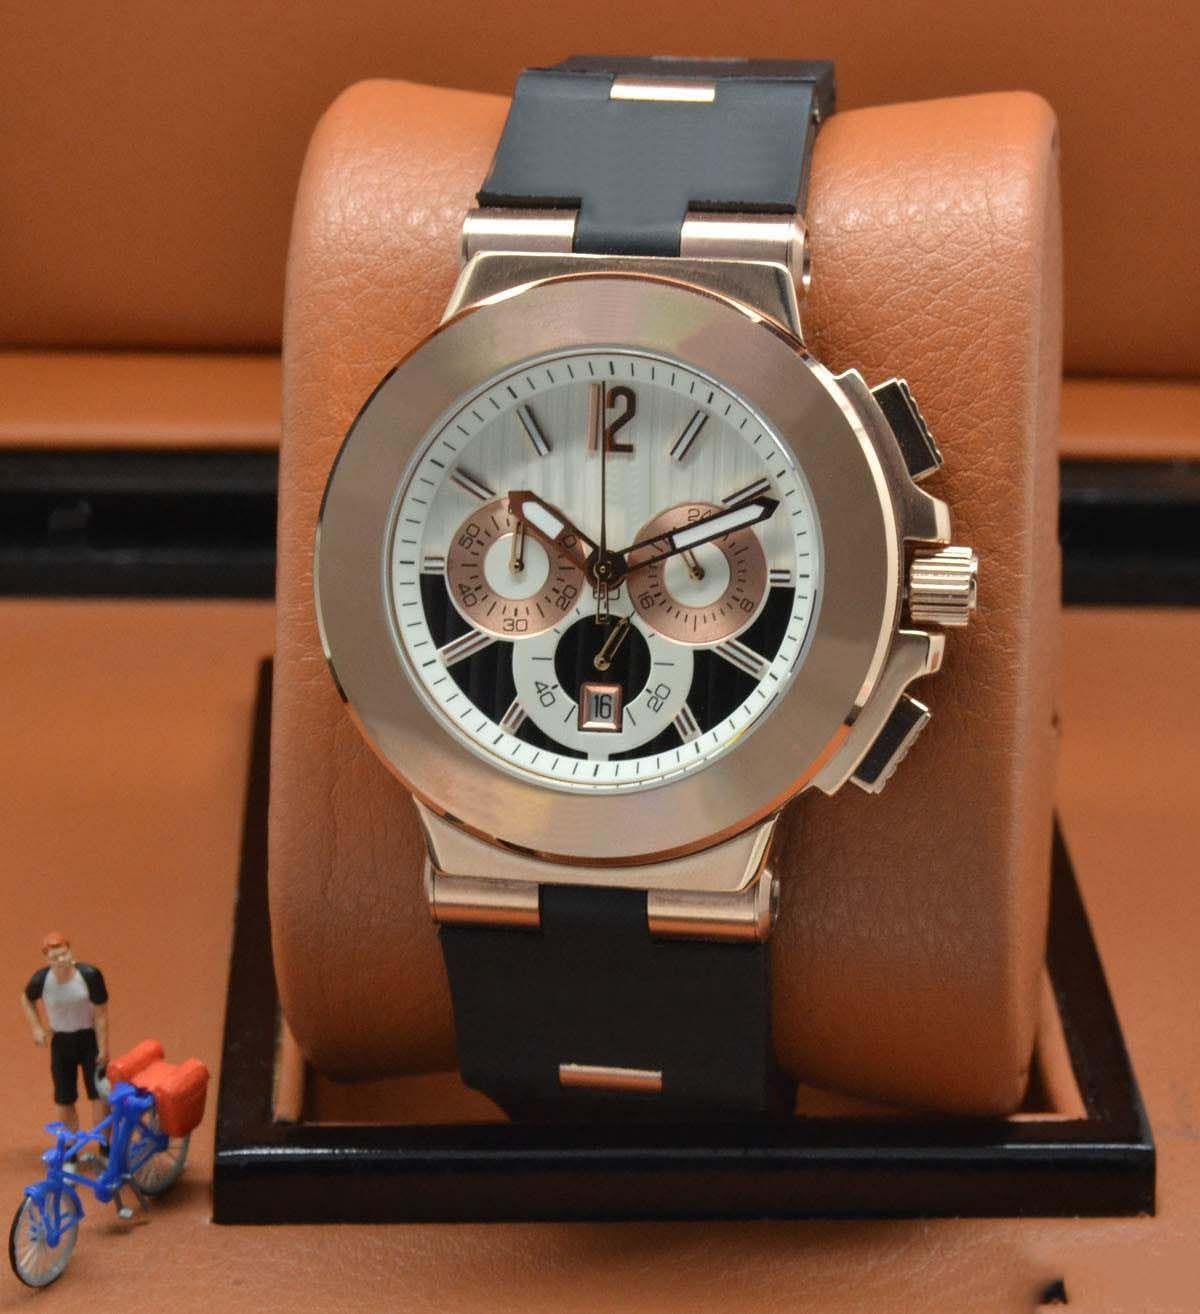 Quartz Chronograph Große Herren-Uhren Edelstahl-Armbanduhr-weißes Zifferblatt Gold-Gehäuse mit schwarzem Kautschukband-Großhandelspreis